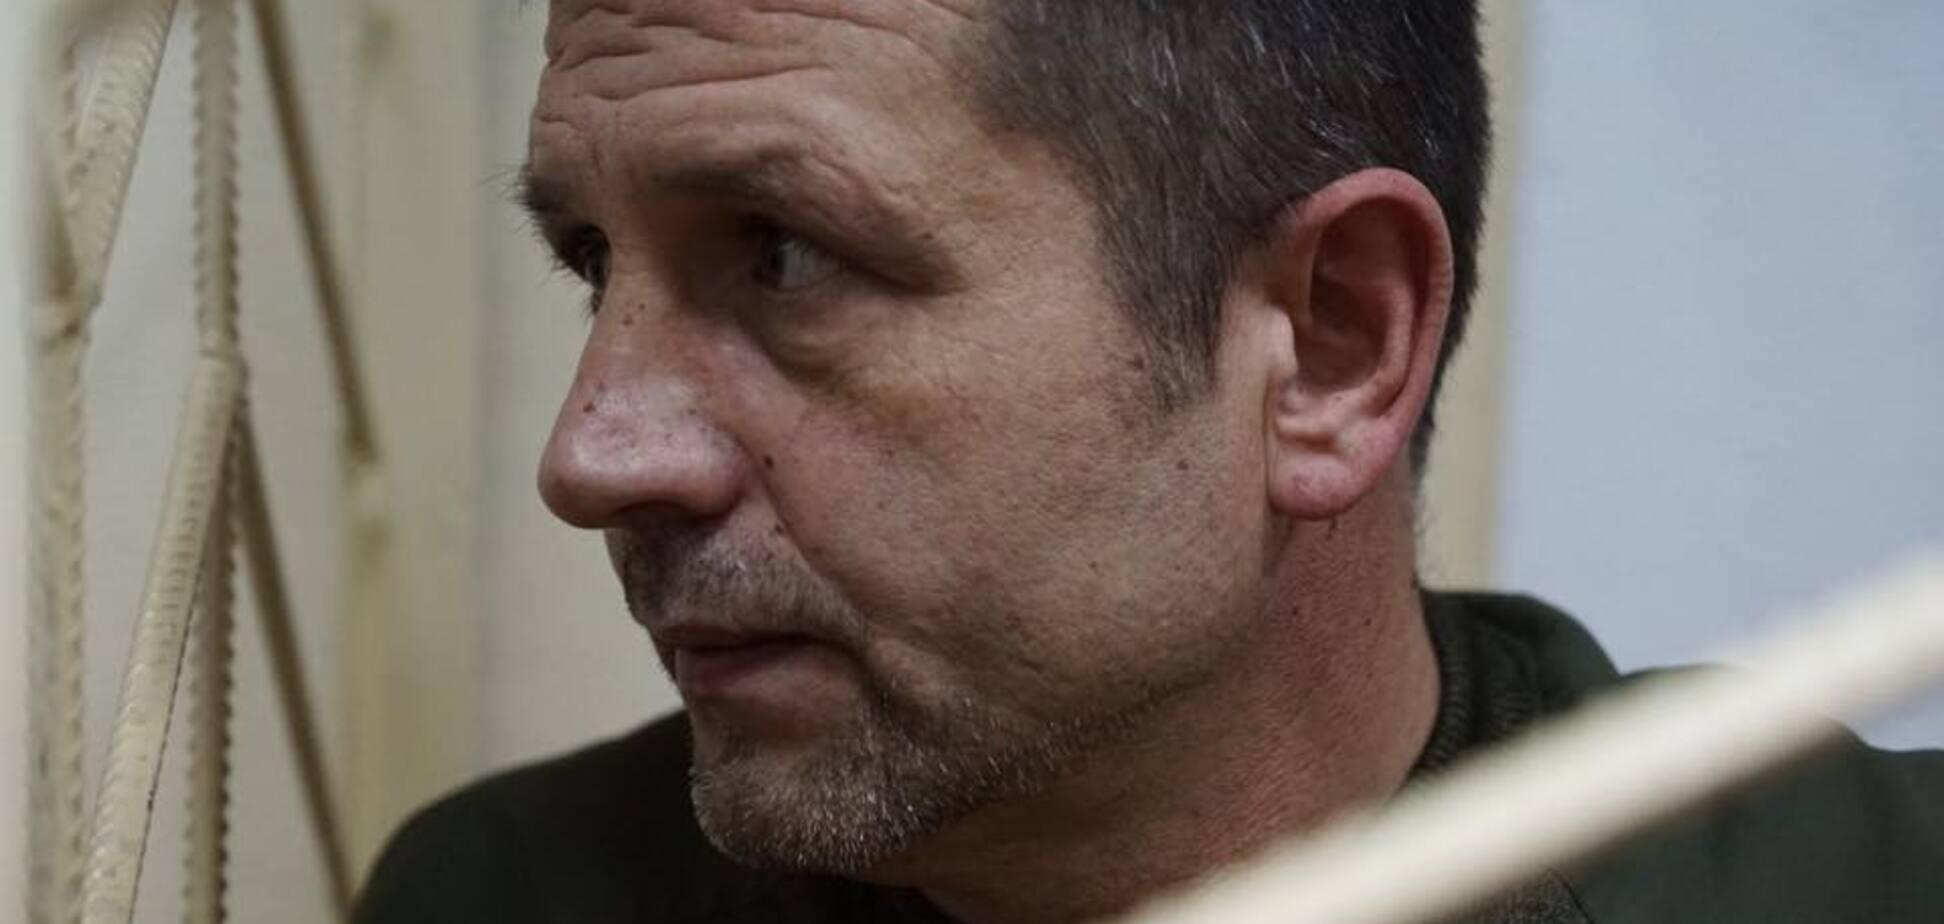 'Надеюсь, я доживу': оккупанты вынесли решение по приговоренному крымчанину